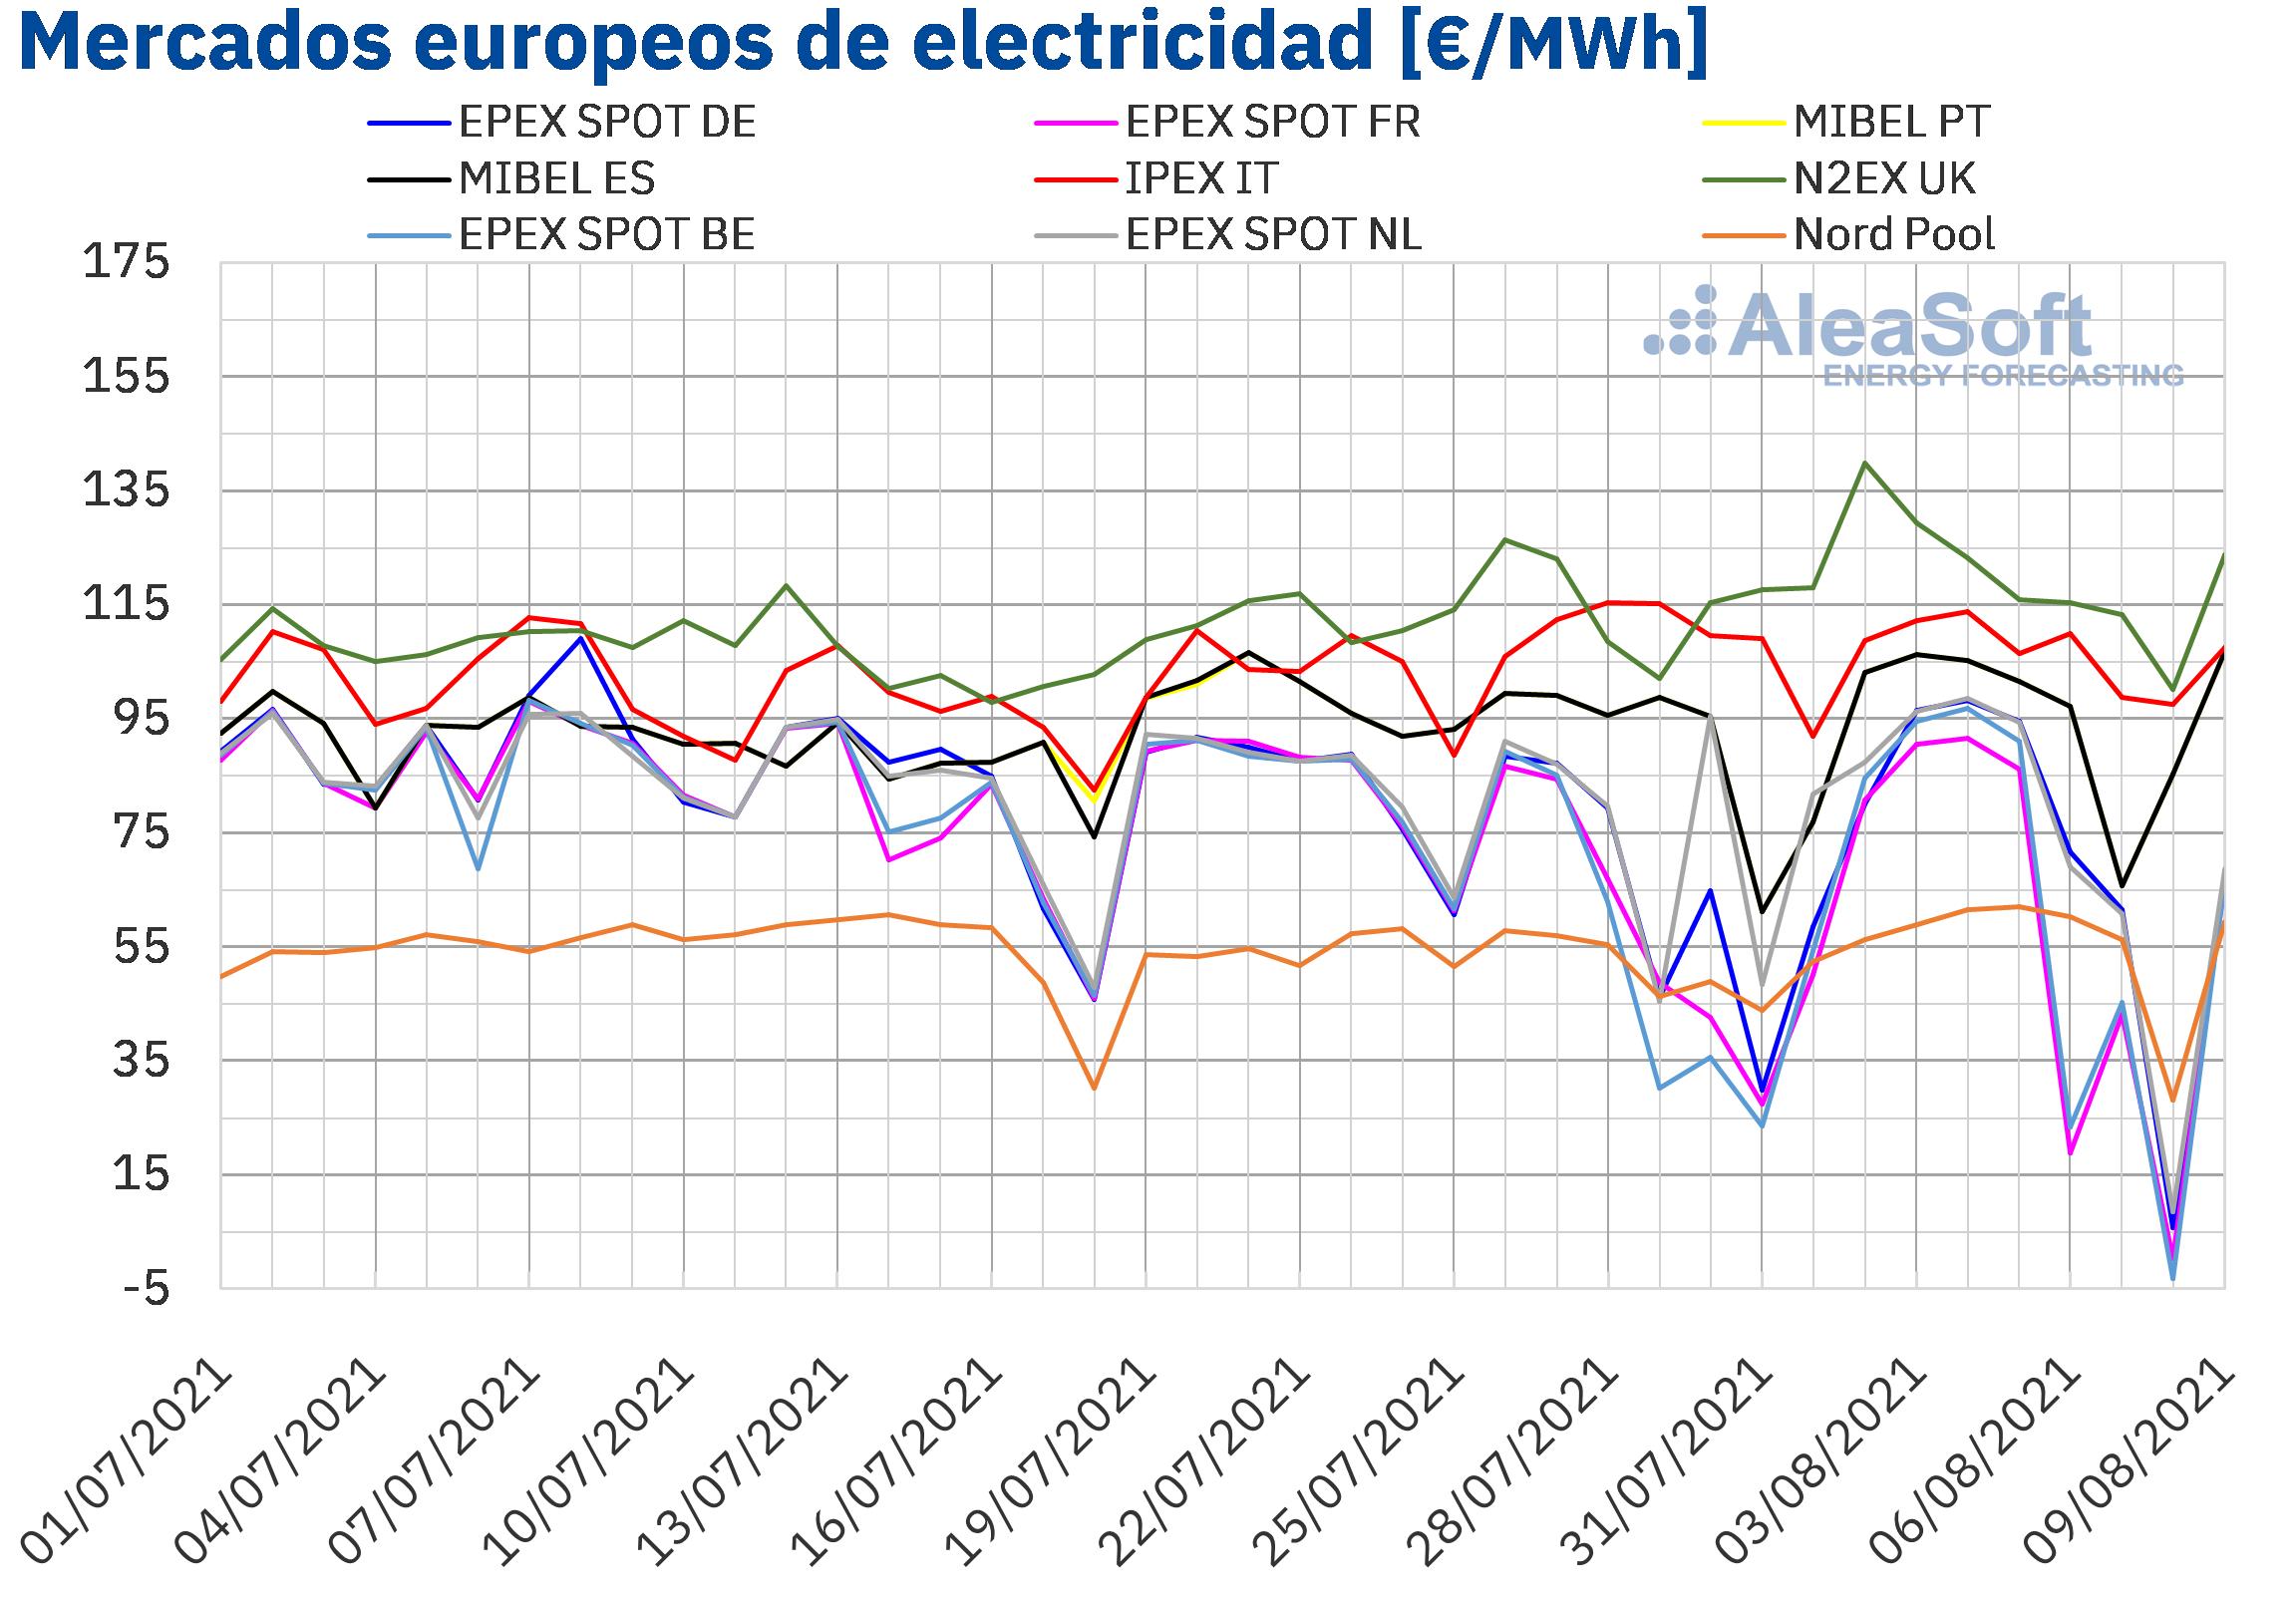 AleaSoft: En el inicio de agosto continúan las subidas en los mercados eléctricos europeos, de gas y CO2